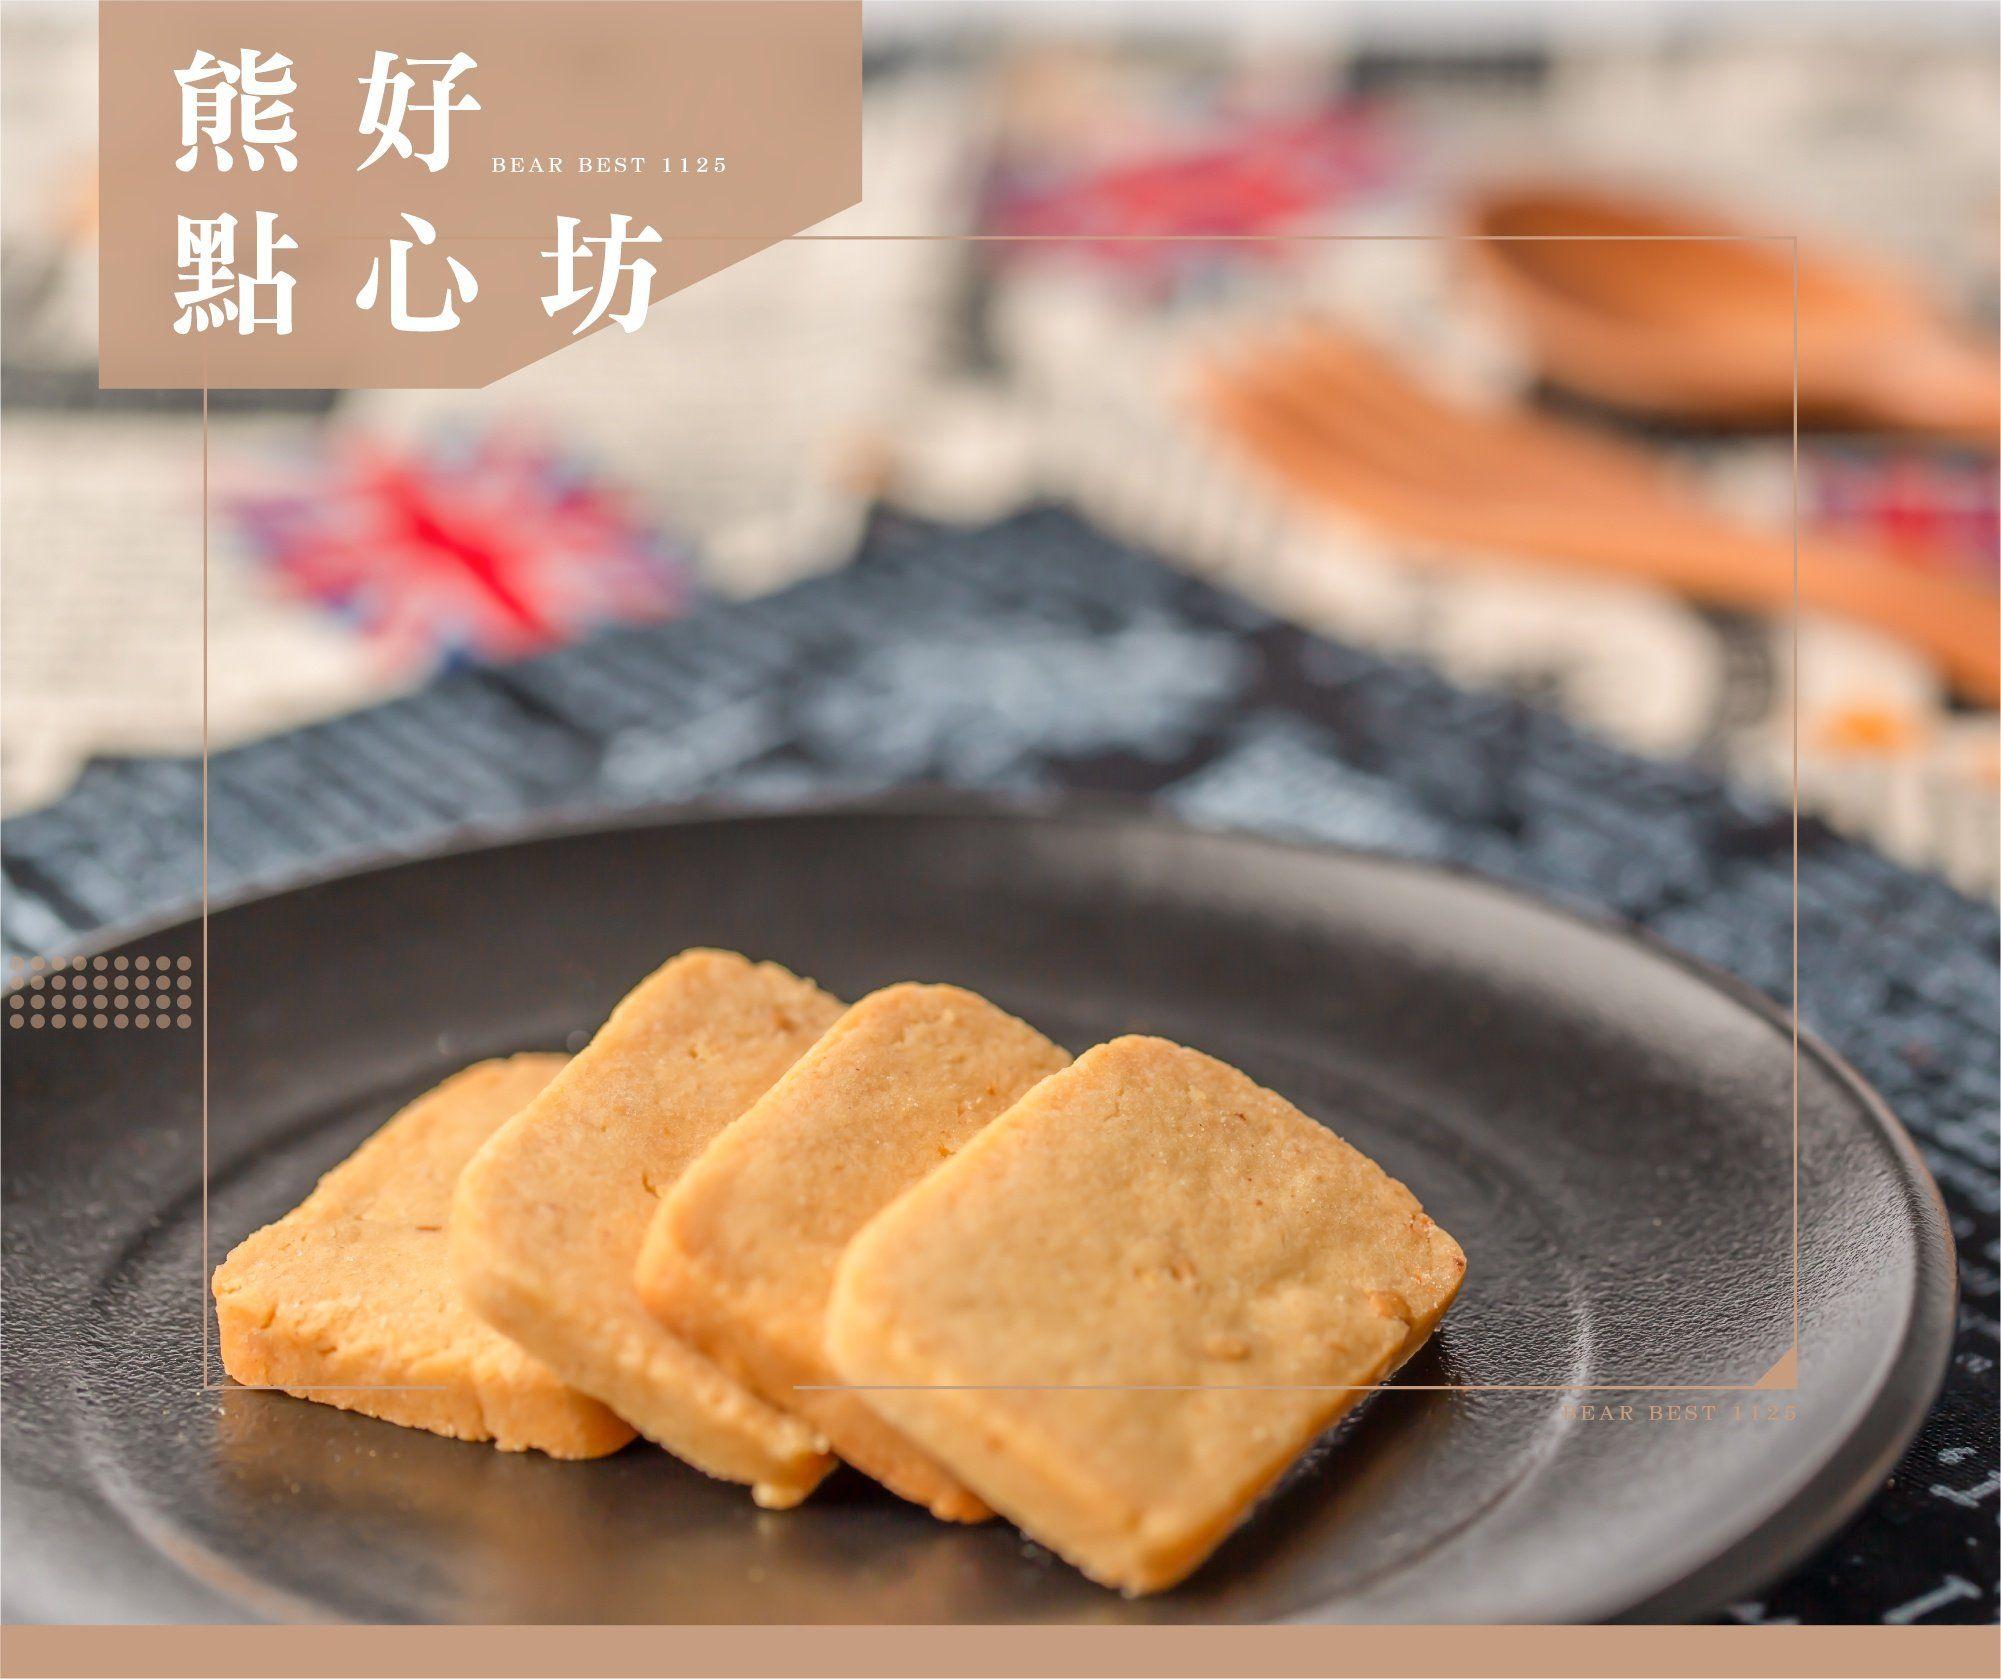 米與花生再次展現二者的完美融合,一種既新鮮又熟悉的美味